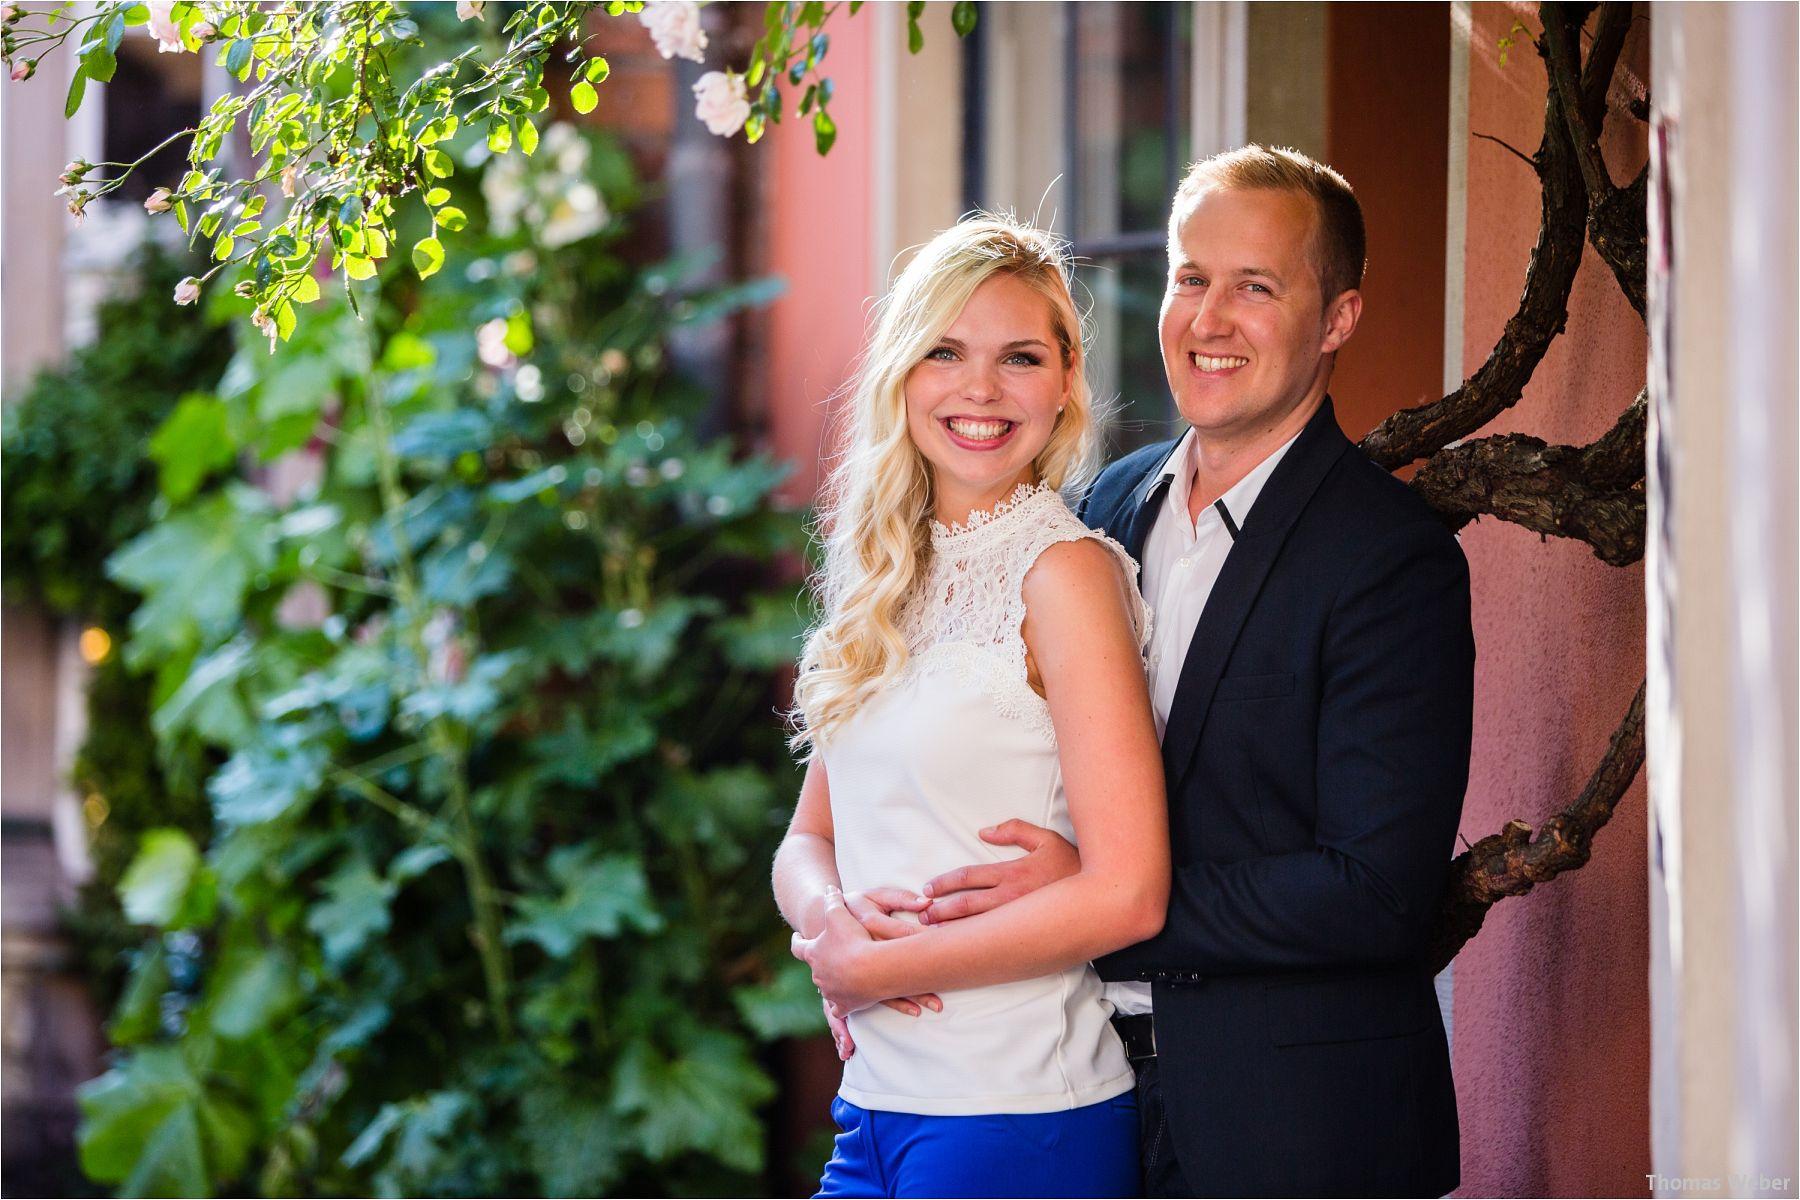 Hochzeitsfotograf thomas weber aus oldenburg engagement fotos und paarfotos eines angehenden hochzeitspaares